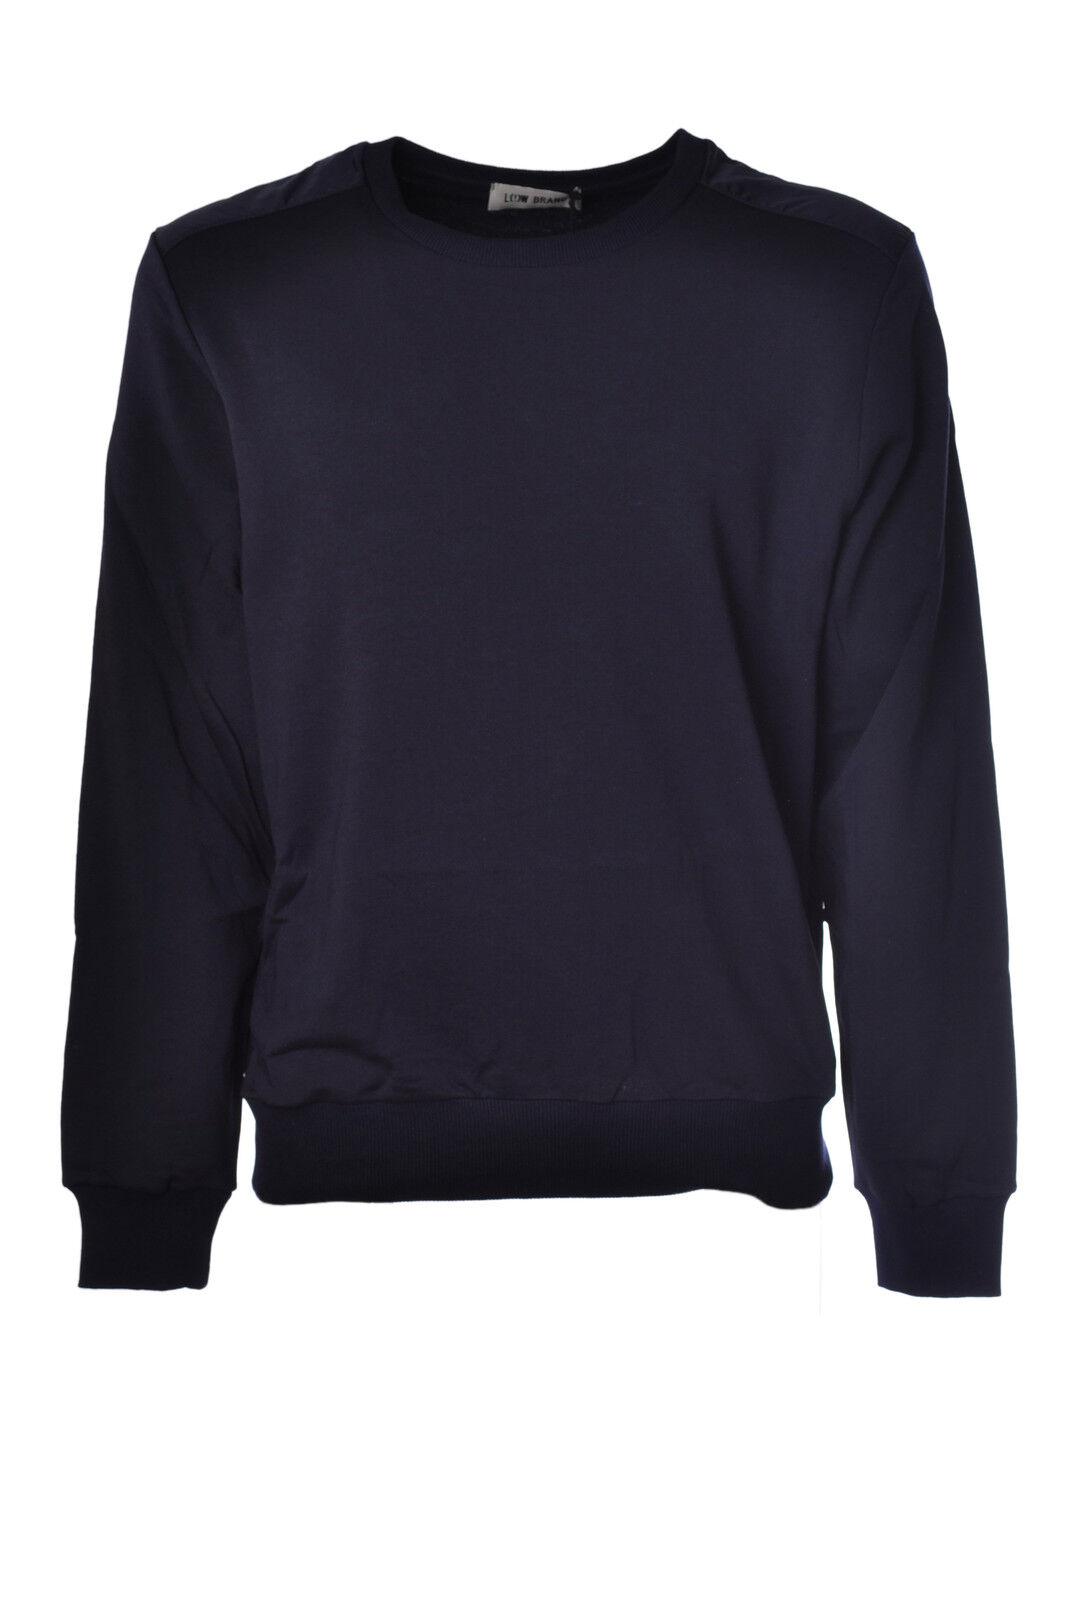 Niedrig Brand  -  Sweatshirts - Male - 3 - Blau - 1775922C163726